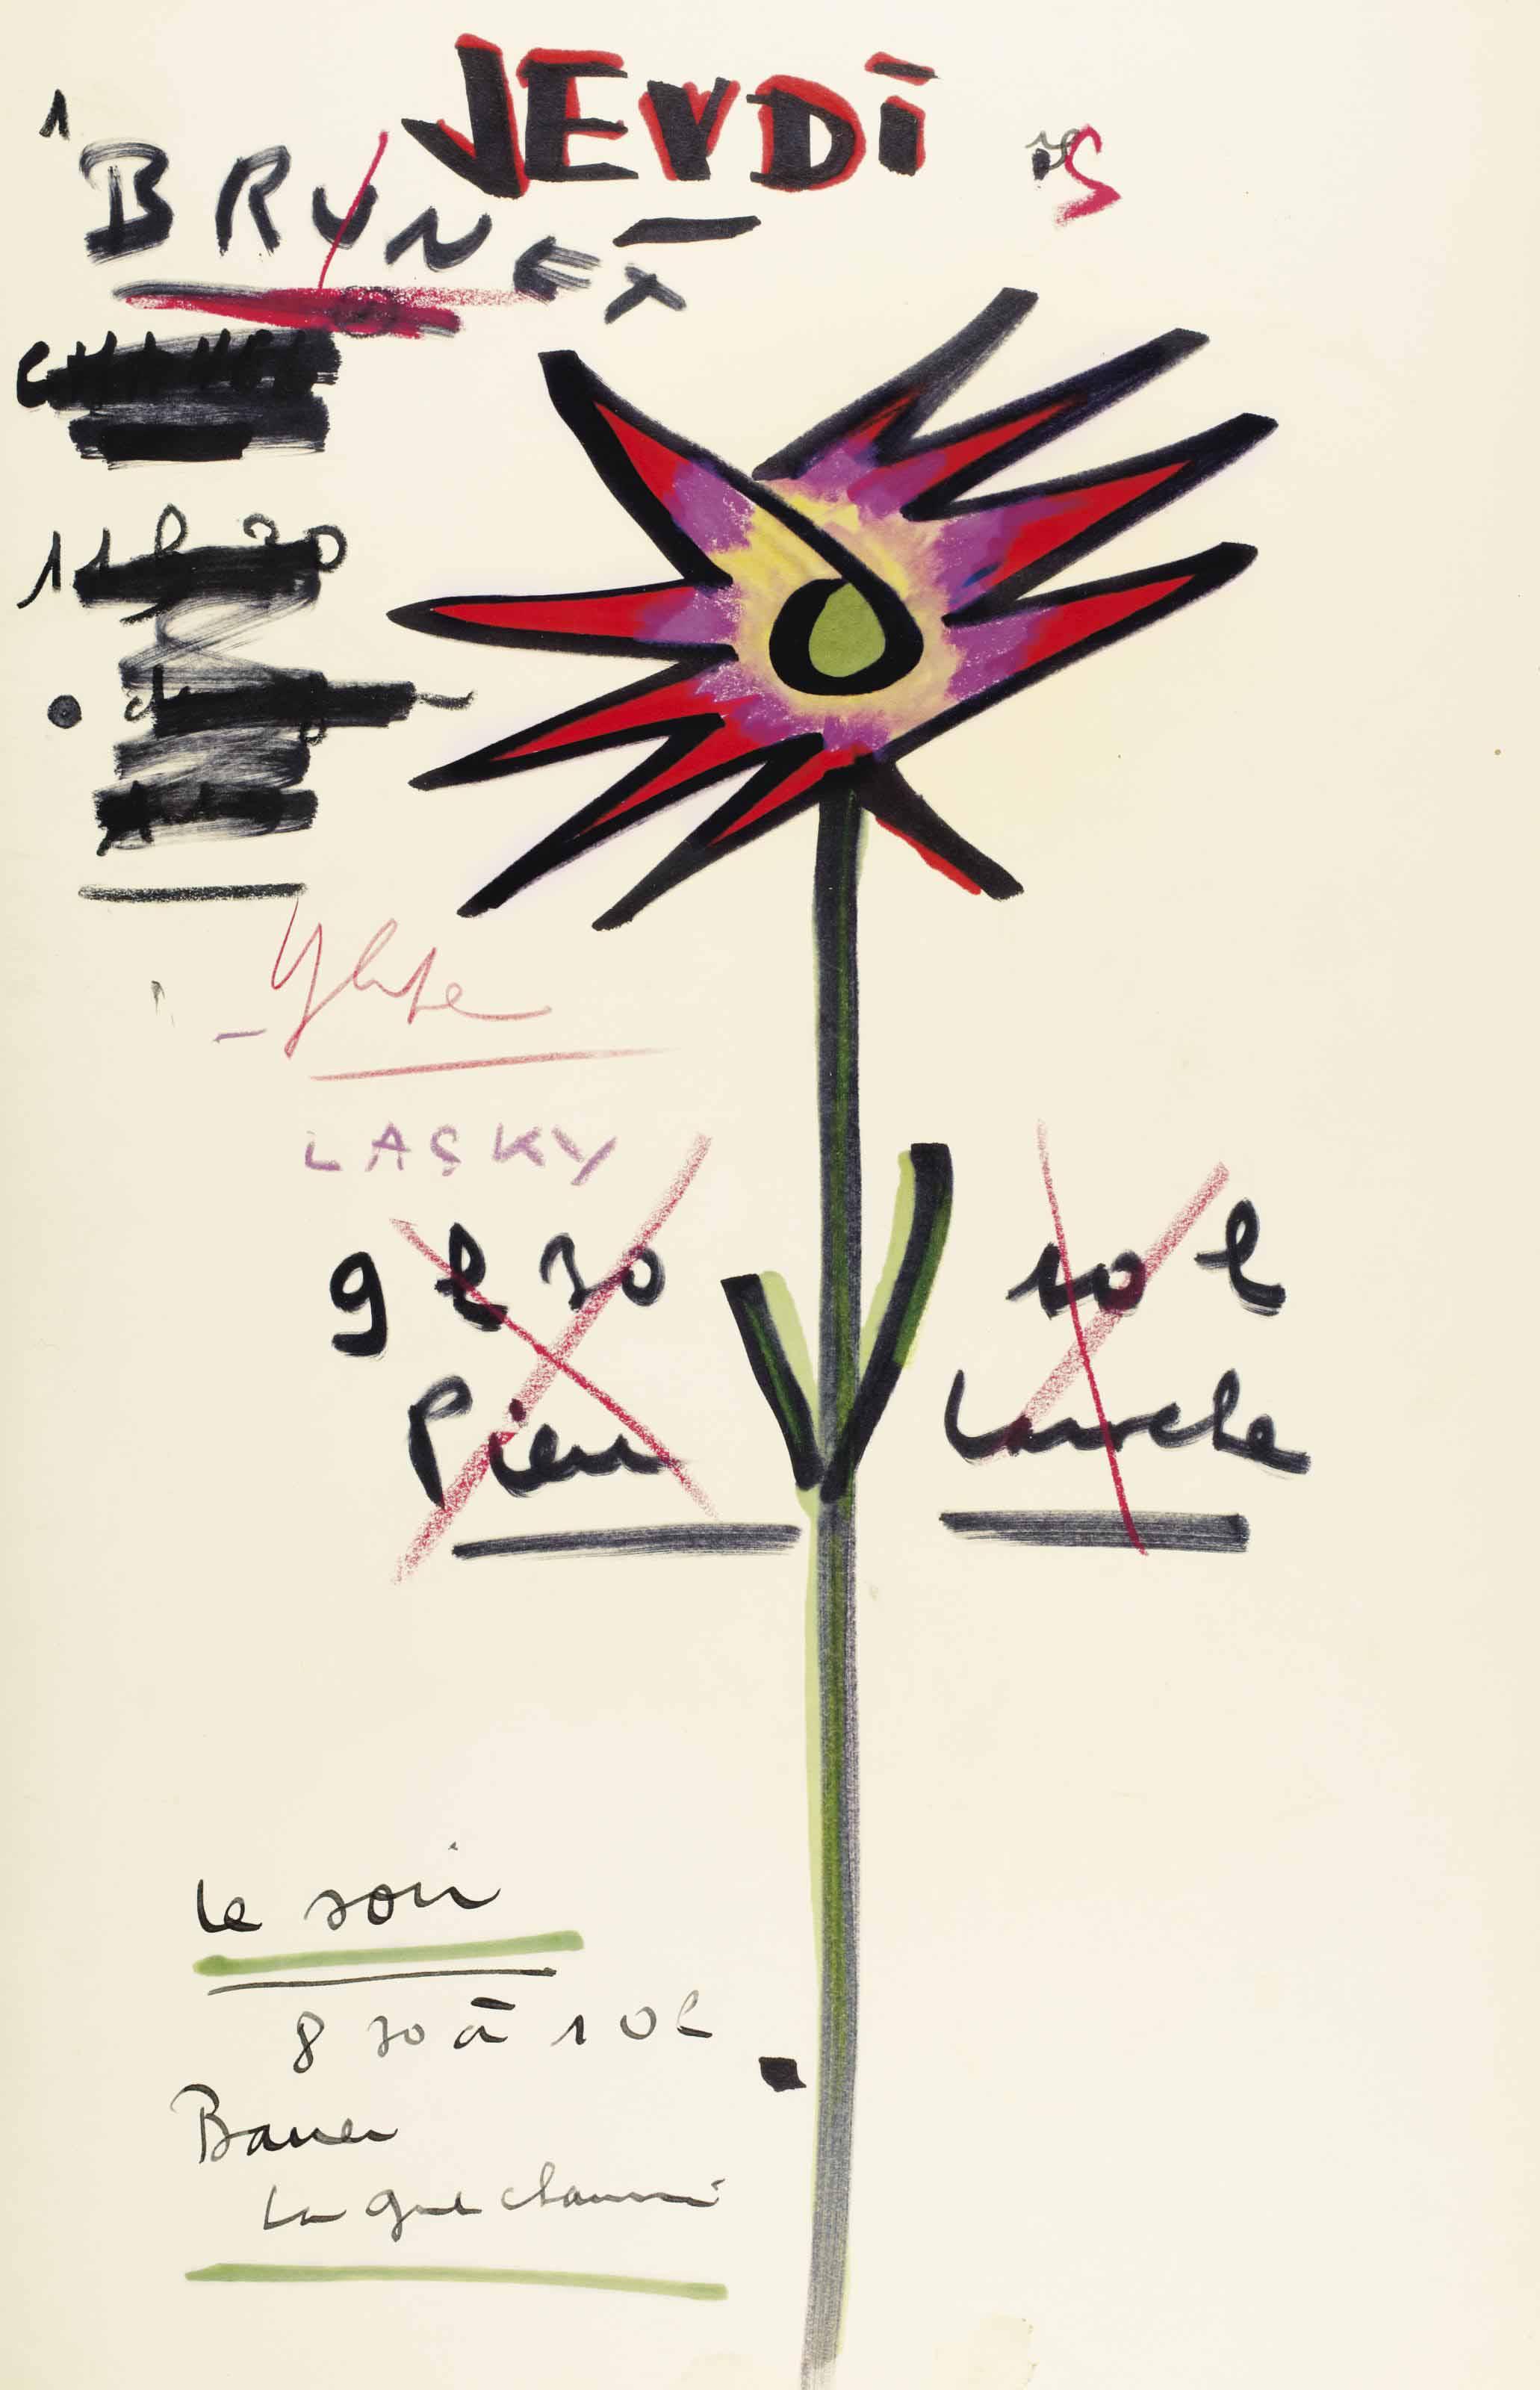 """PRÉVERT, Jacques (1900-1977). Éphémeride, """"Jeudi"""", un feuillet in-folio (417 x 268 mm), dessin original d'une grande fleur multicolore au milieu, notes autographes  et ratures : """"Brunet, Lasky, 9h30 10h Pierre Laroche, le soir 8.30 à 10h Bauer"""". (Petite tache en pied)."""